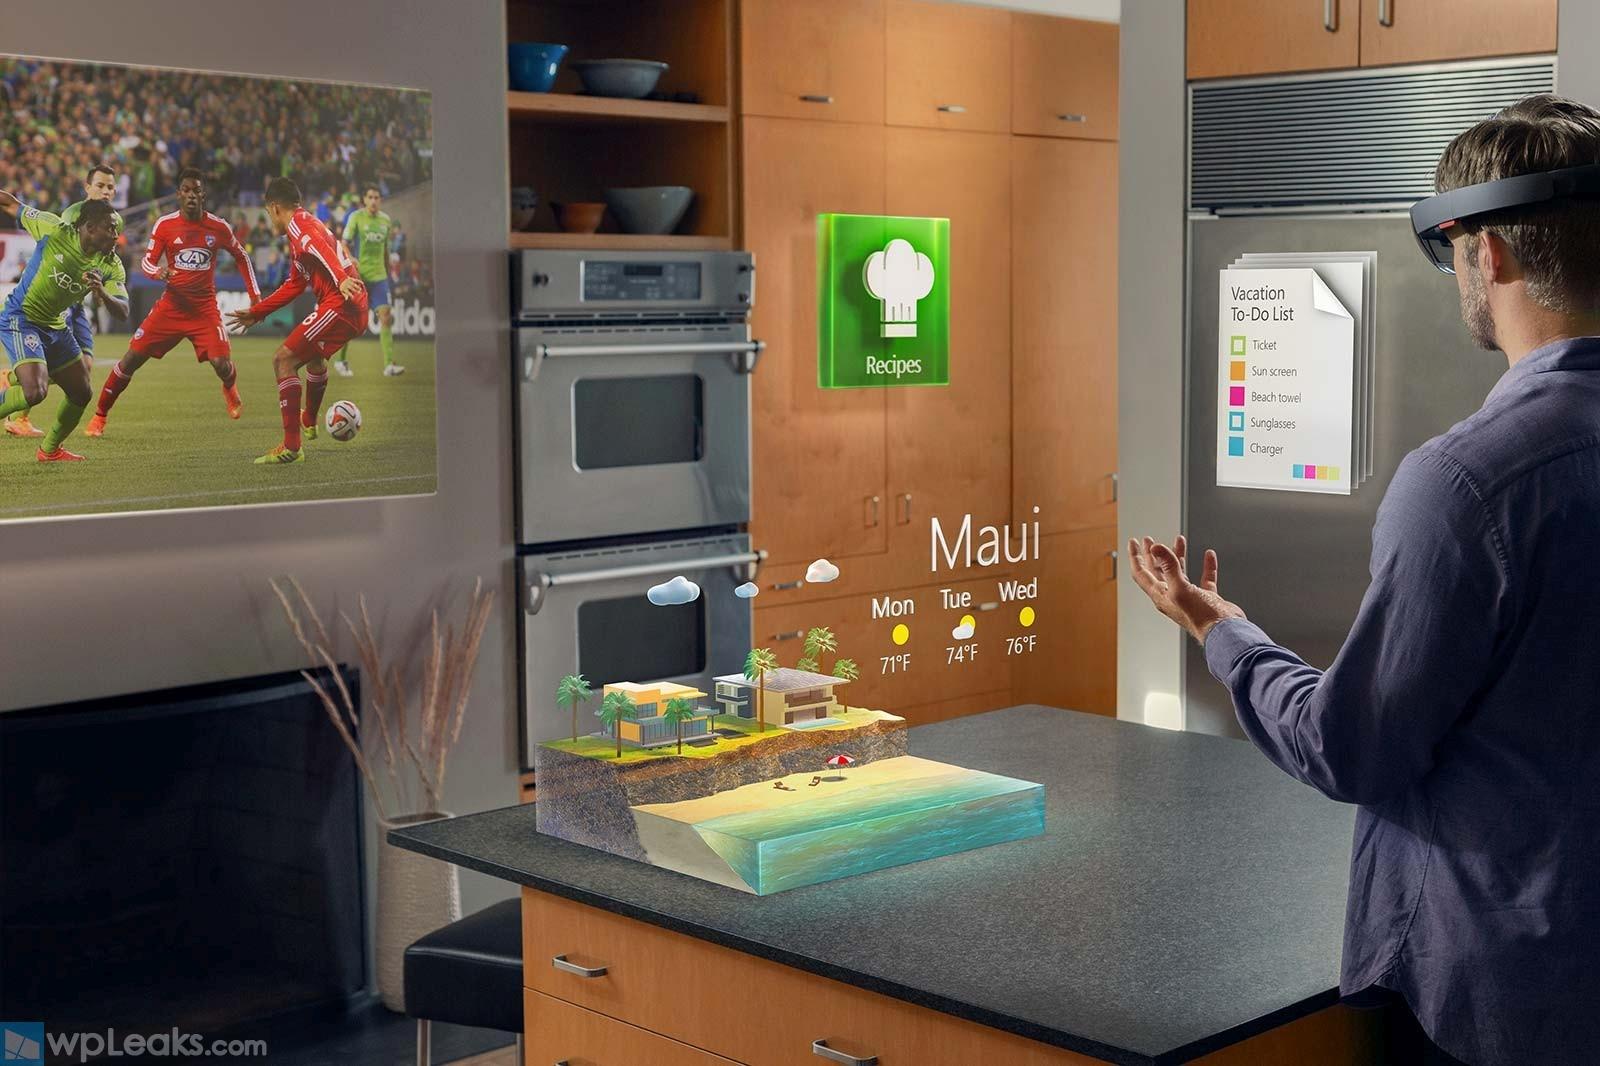 Microsoft-HoloLens Kitchen Wall